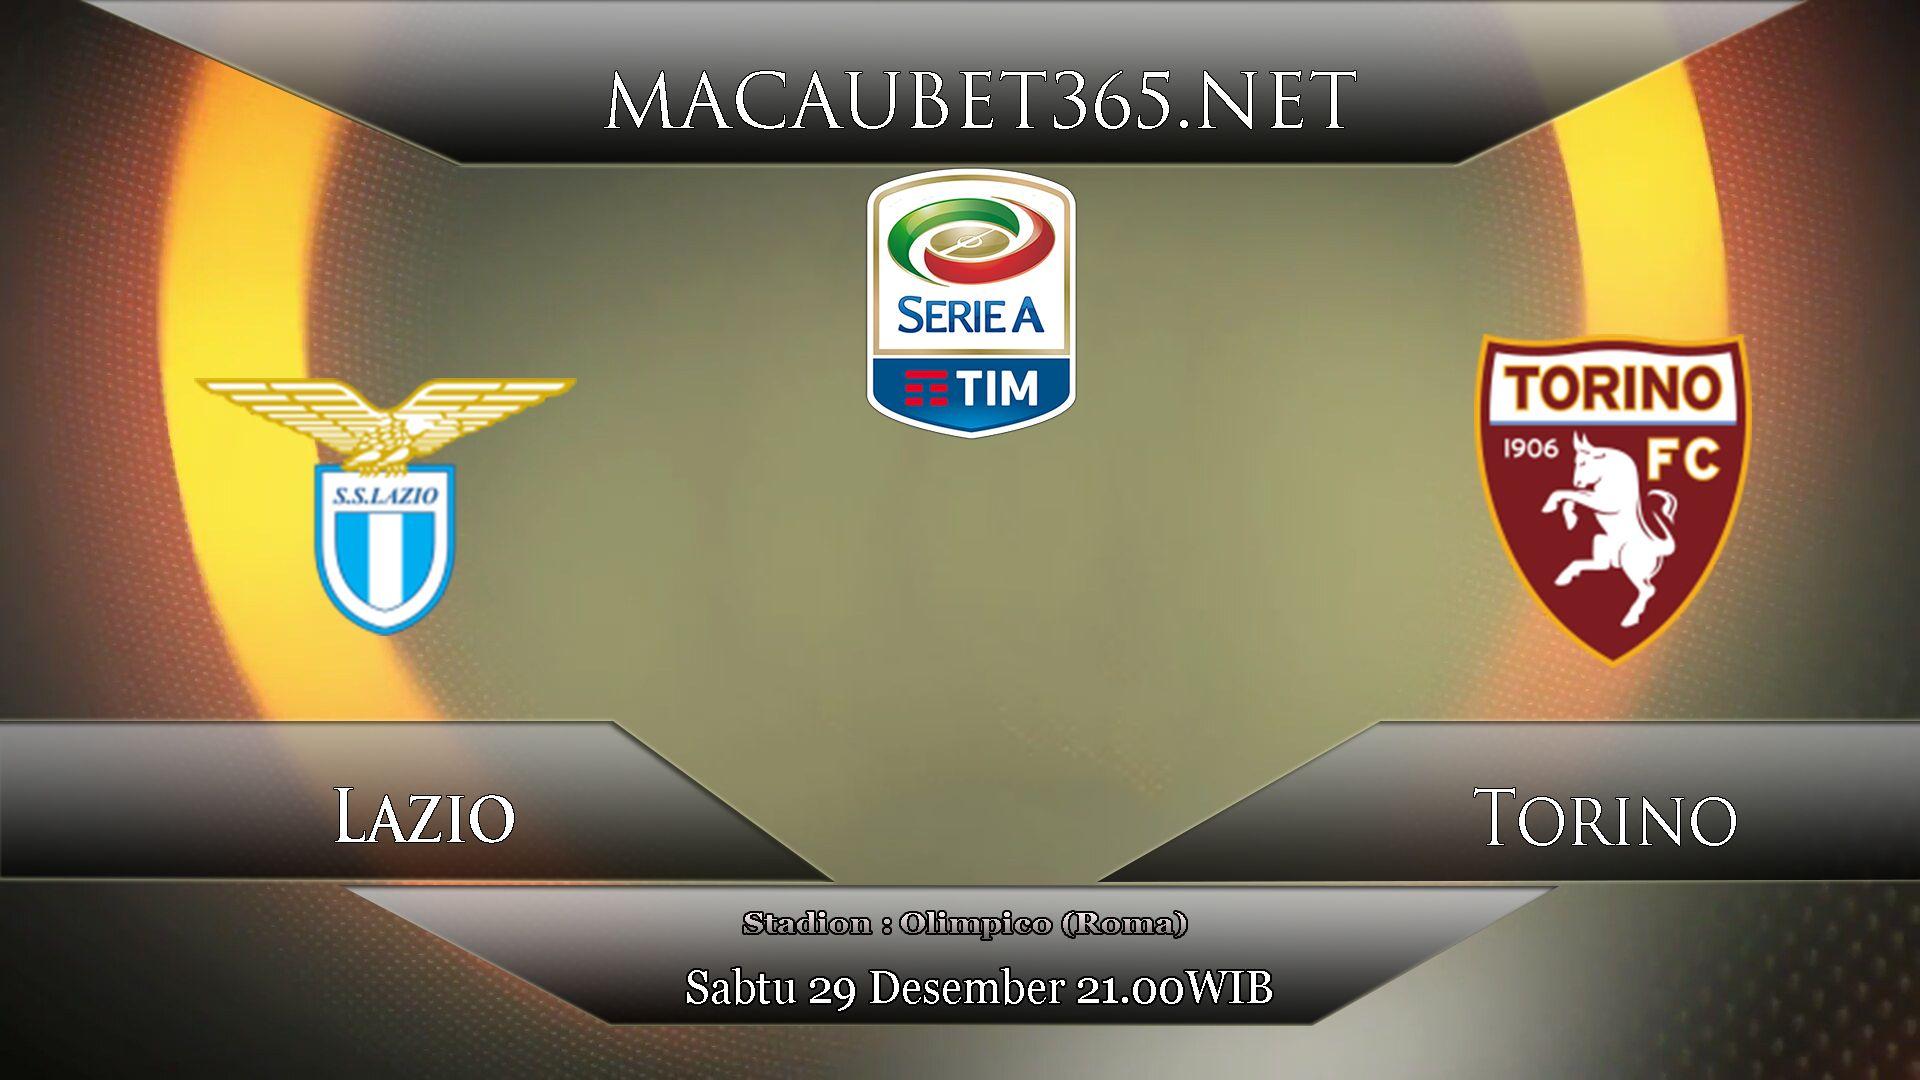 Prediksi Bola Lazio vs Torino 29 Desember 2018 Torino